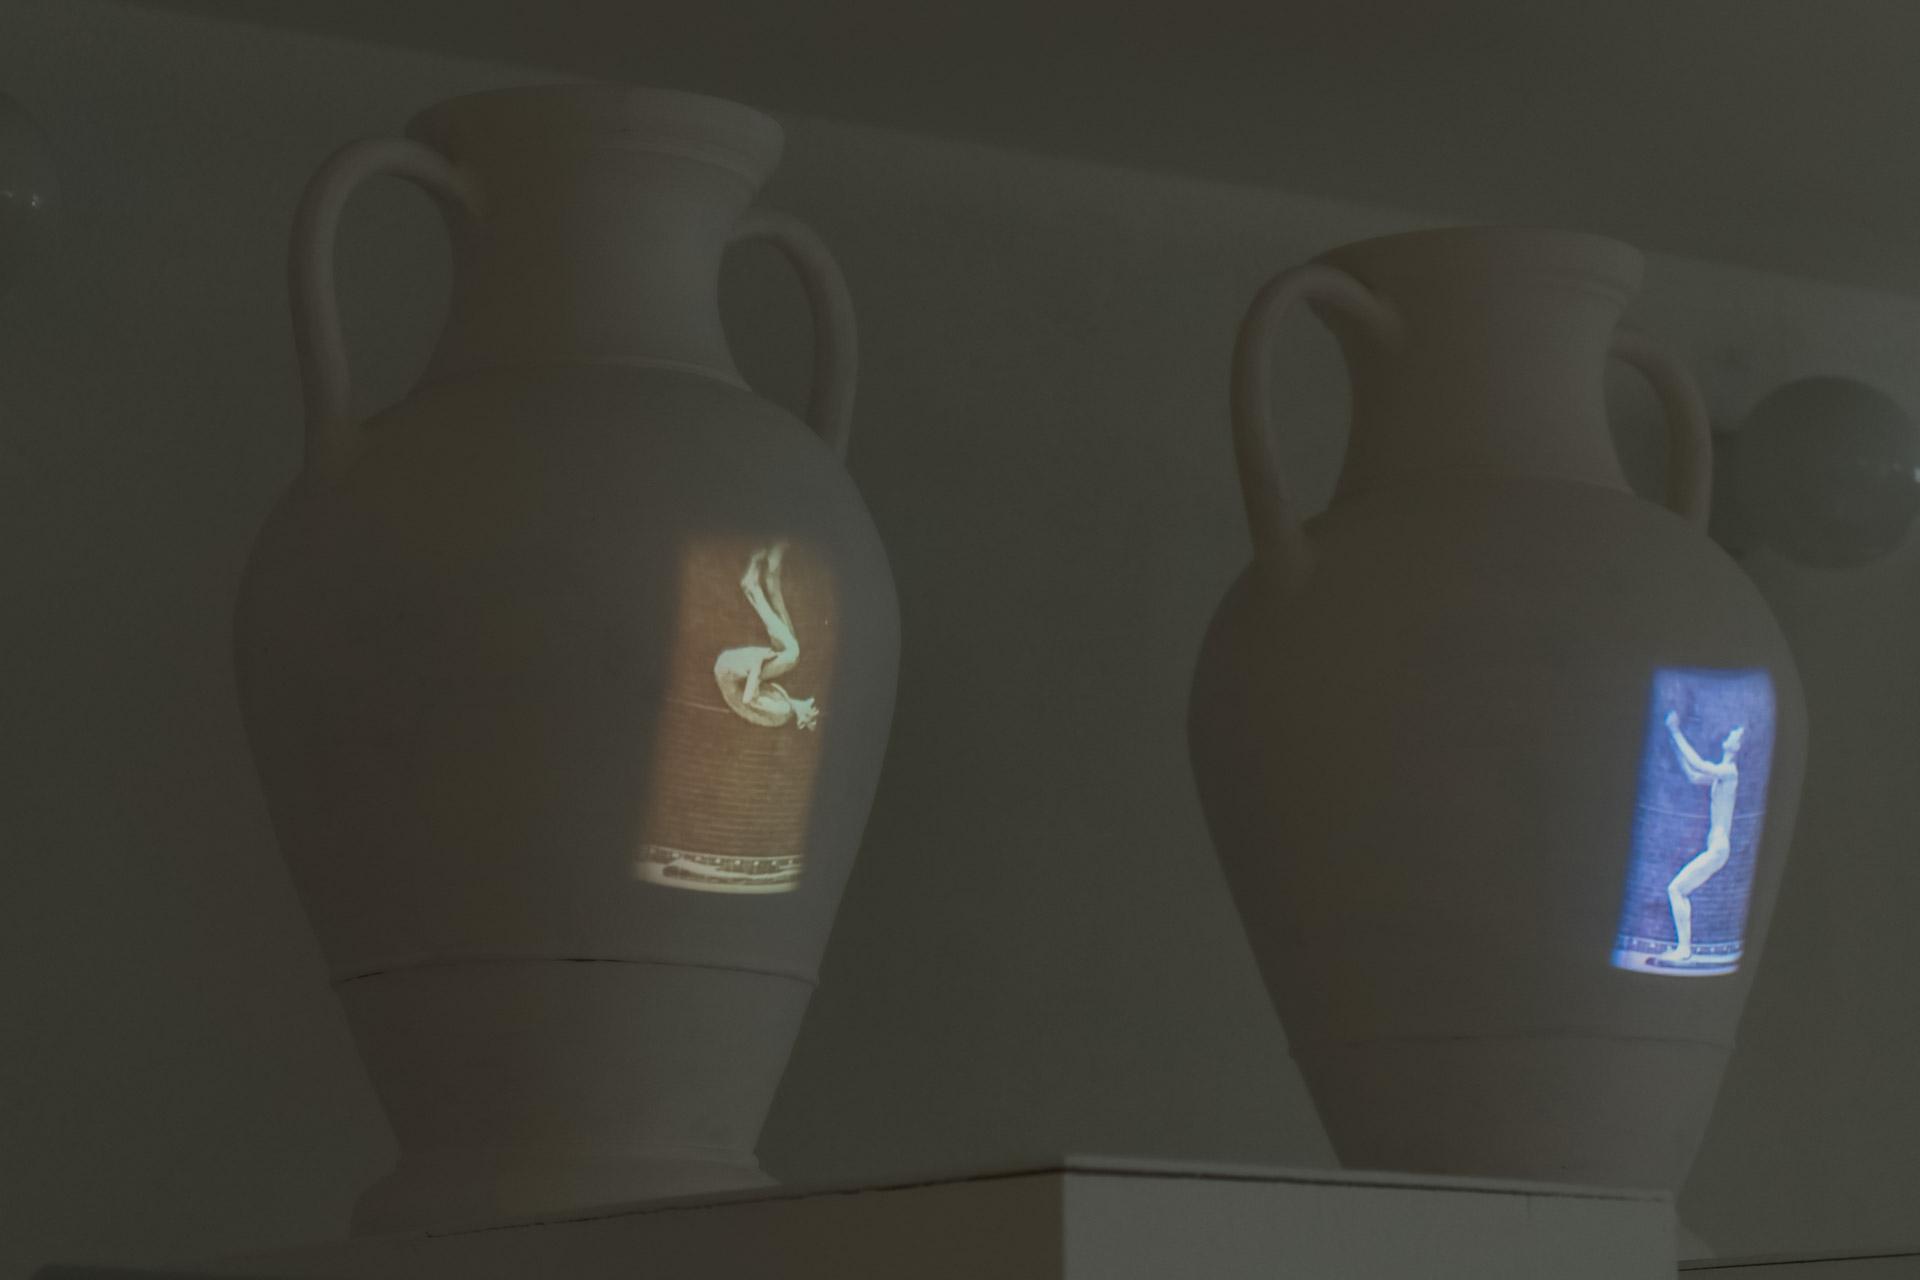 Ужимки и прыжки (из серии «Сделано в Древней Греции»), медиаинсталляция — Анна Франц, 2009-2021